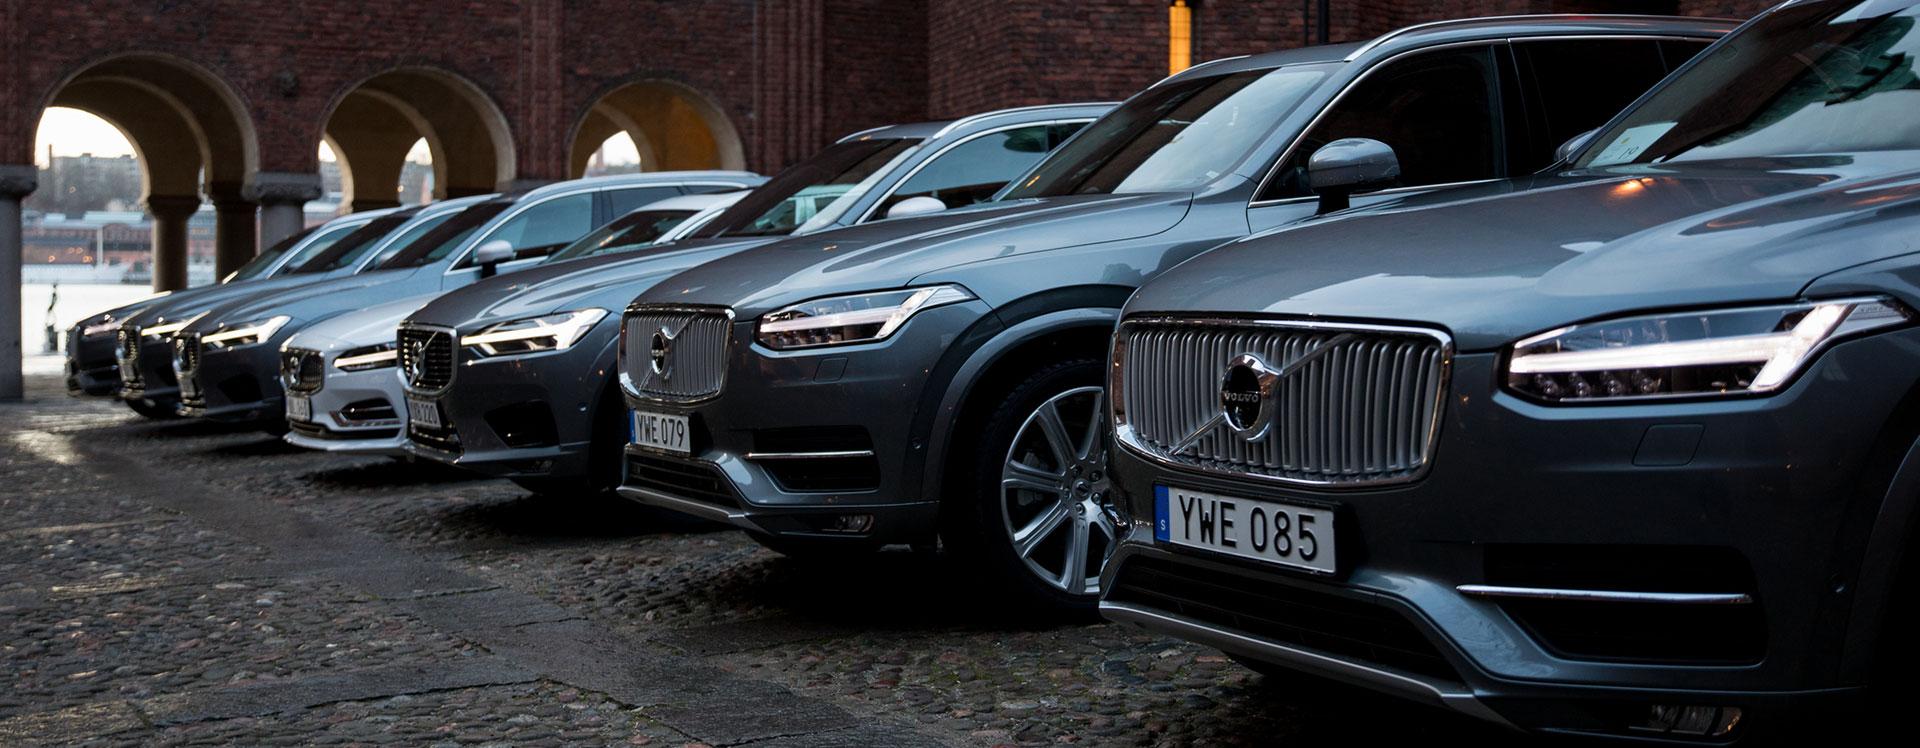 header-oferte-stoc-excellence-cars-volvo.jpg